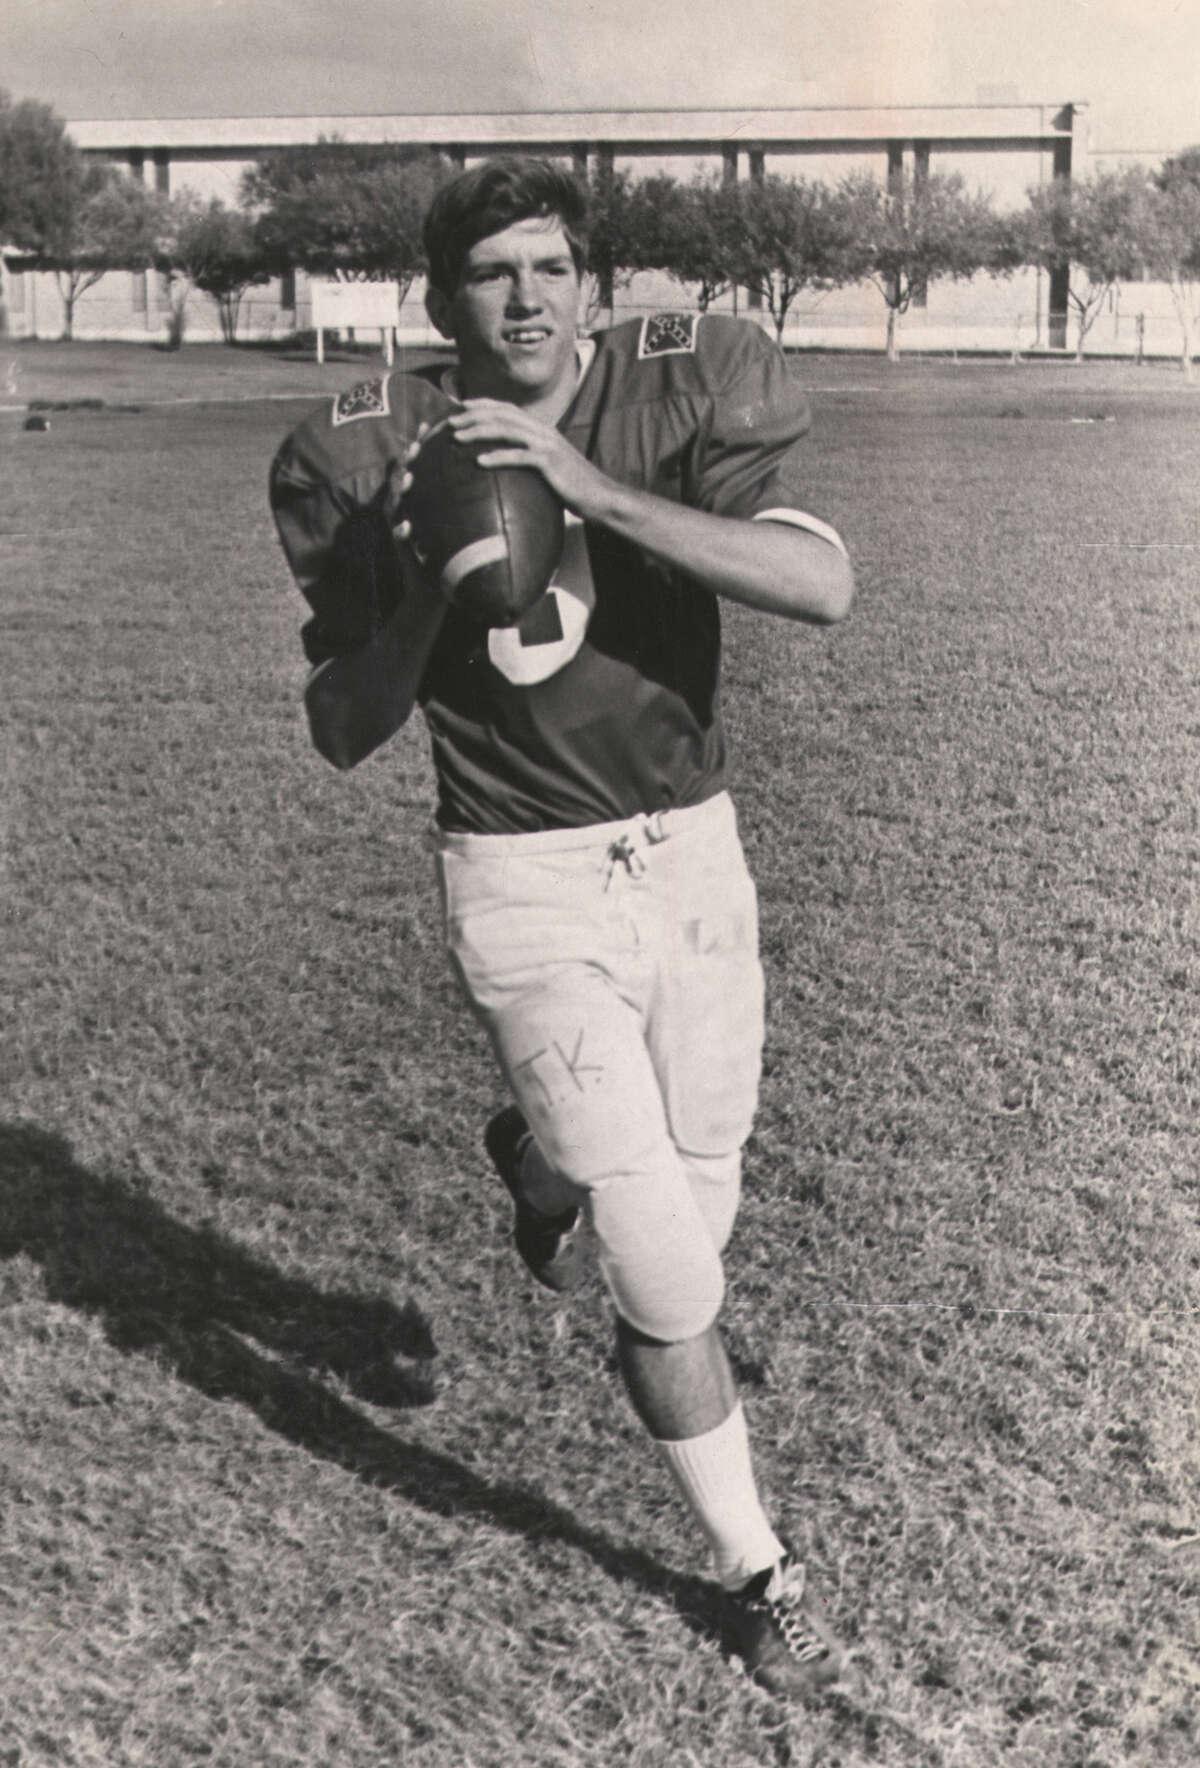 Lee quarterback Tommy Kramer